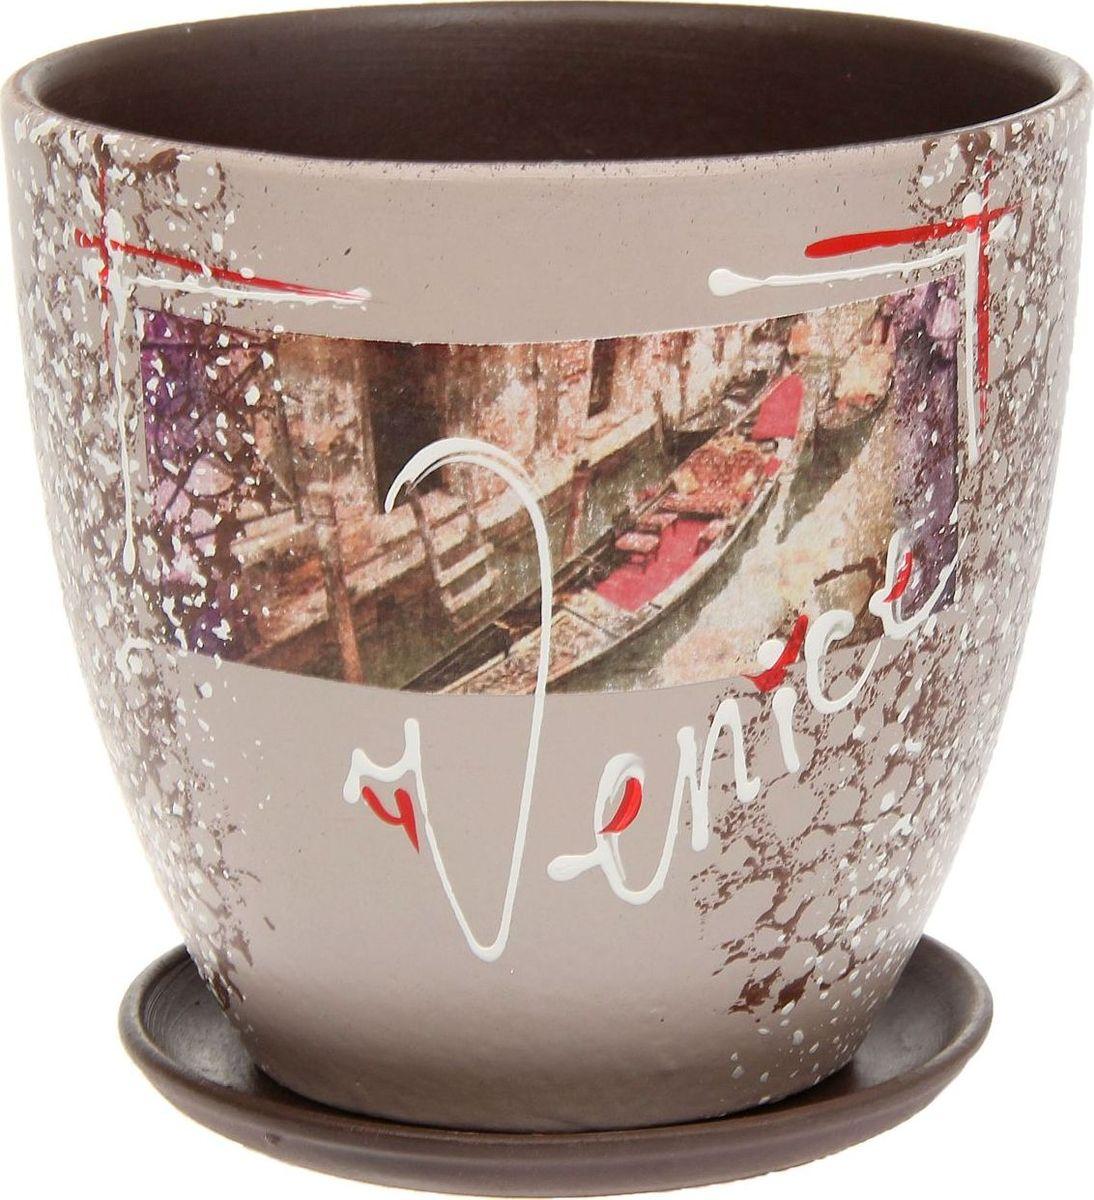 Кашпо Венеция, 1,1 л1138545Комнатные растения — всеобщие любимцы. Они радуют глаз, насыщают помещение кислородом и украшают пространство. Каждому из них необходим свой удобный и красивый дом. Кашпо из керамики прекрасно подходят для высадки растений: за счёт пластичности глины и разных способов обработки существует великое множество форм и дизайновпористый материал позволяет испаряться лишней влагевоздух, необходимый для дыхания корней, проникает сквозь керамические стенки! #name# позаботится о зелёном питомце, освежит интерьер и подчеркнёт его стиль.